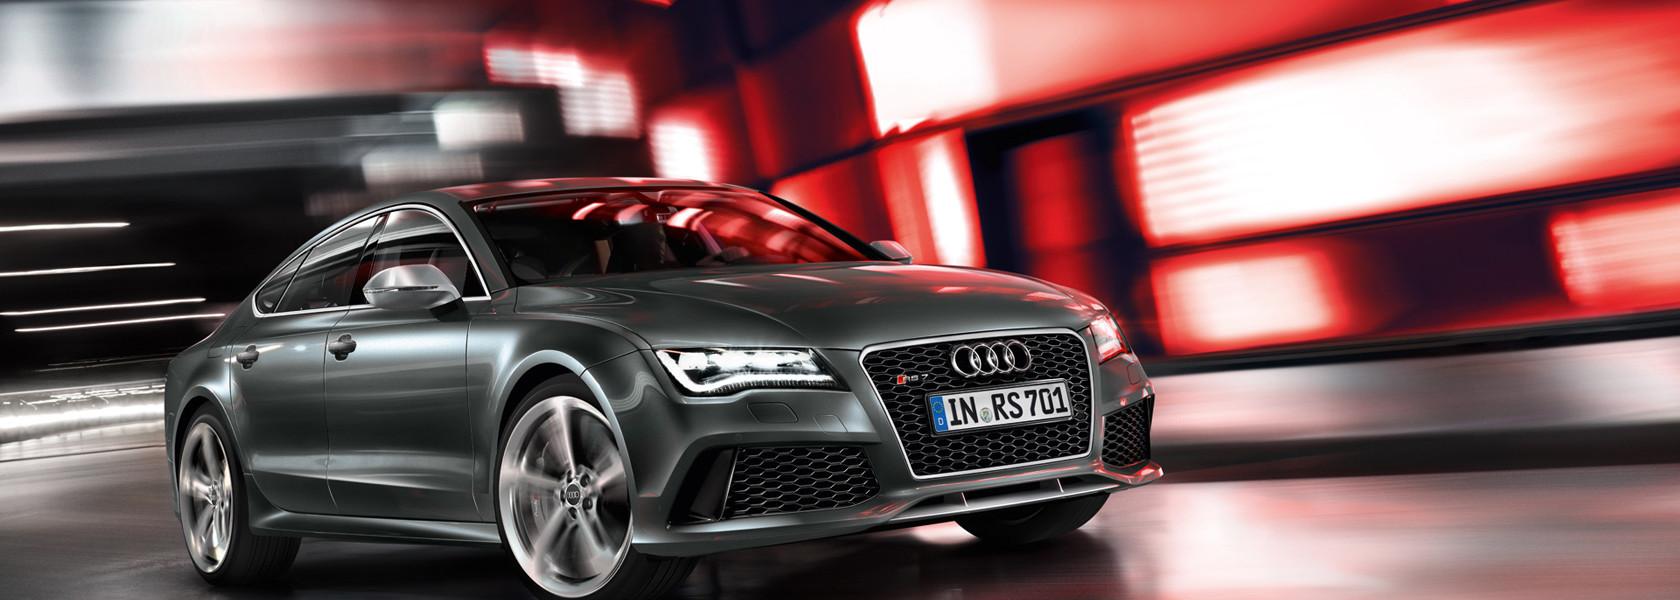 Tuning/egr/dpf/adblue solutions for  Audi/VW/Skoda/Seat via OBD-2 eller på bordet (tricore,boot mode)